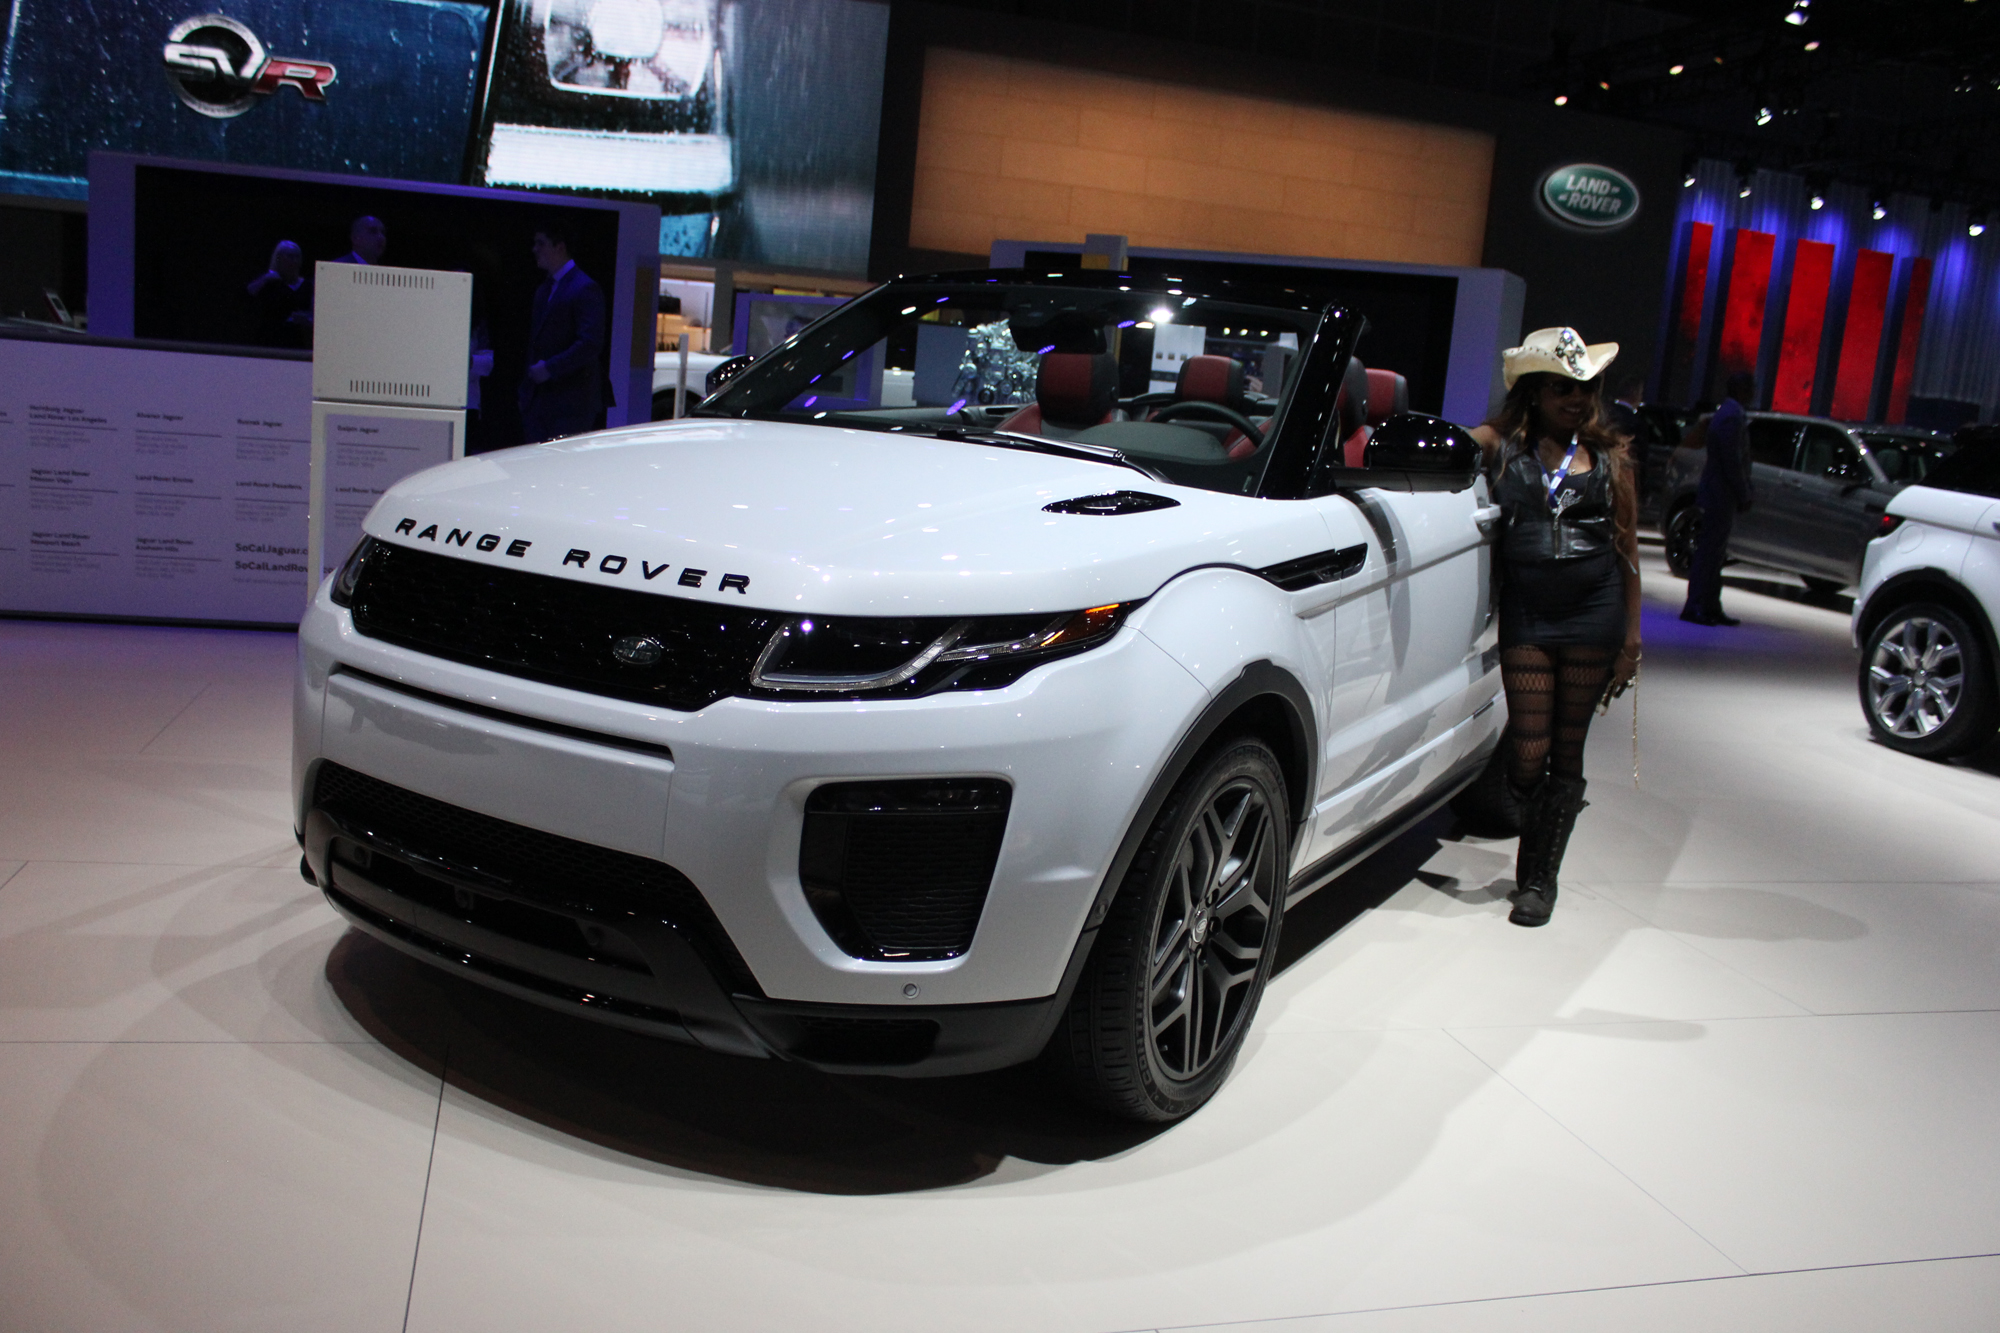 2017 La Auto Show Jaguar Land Rover 22